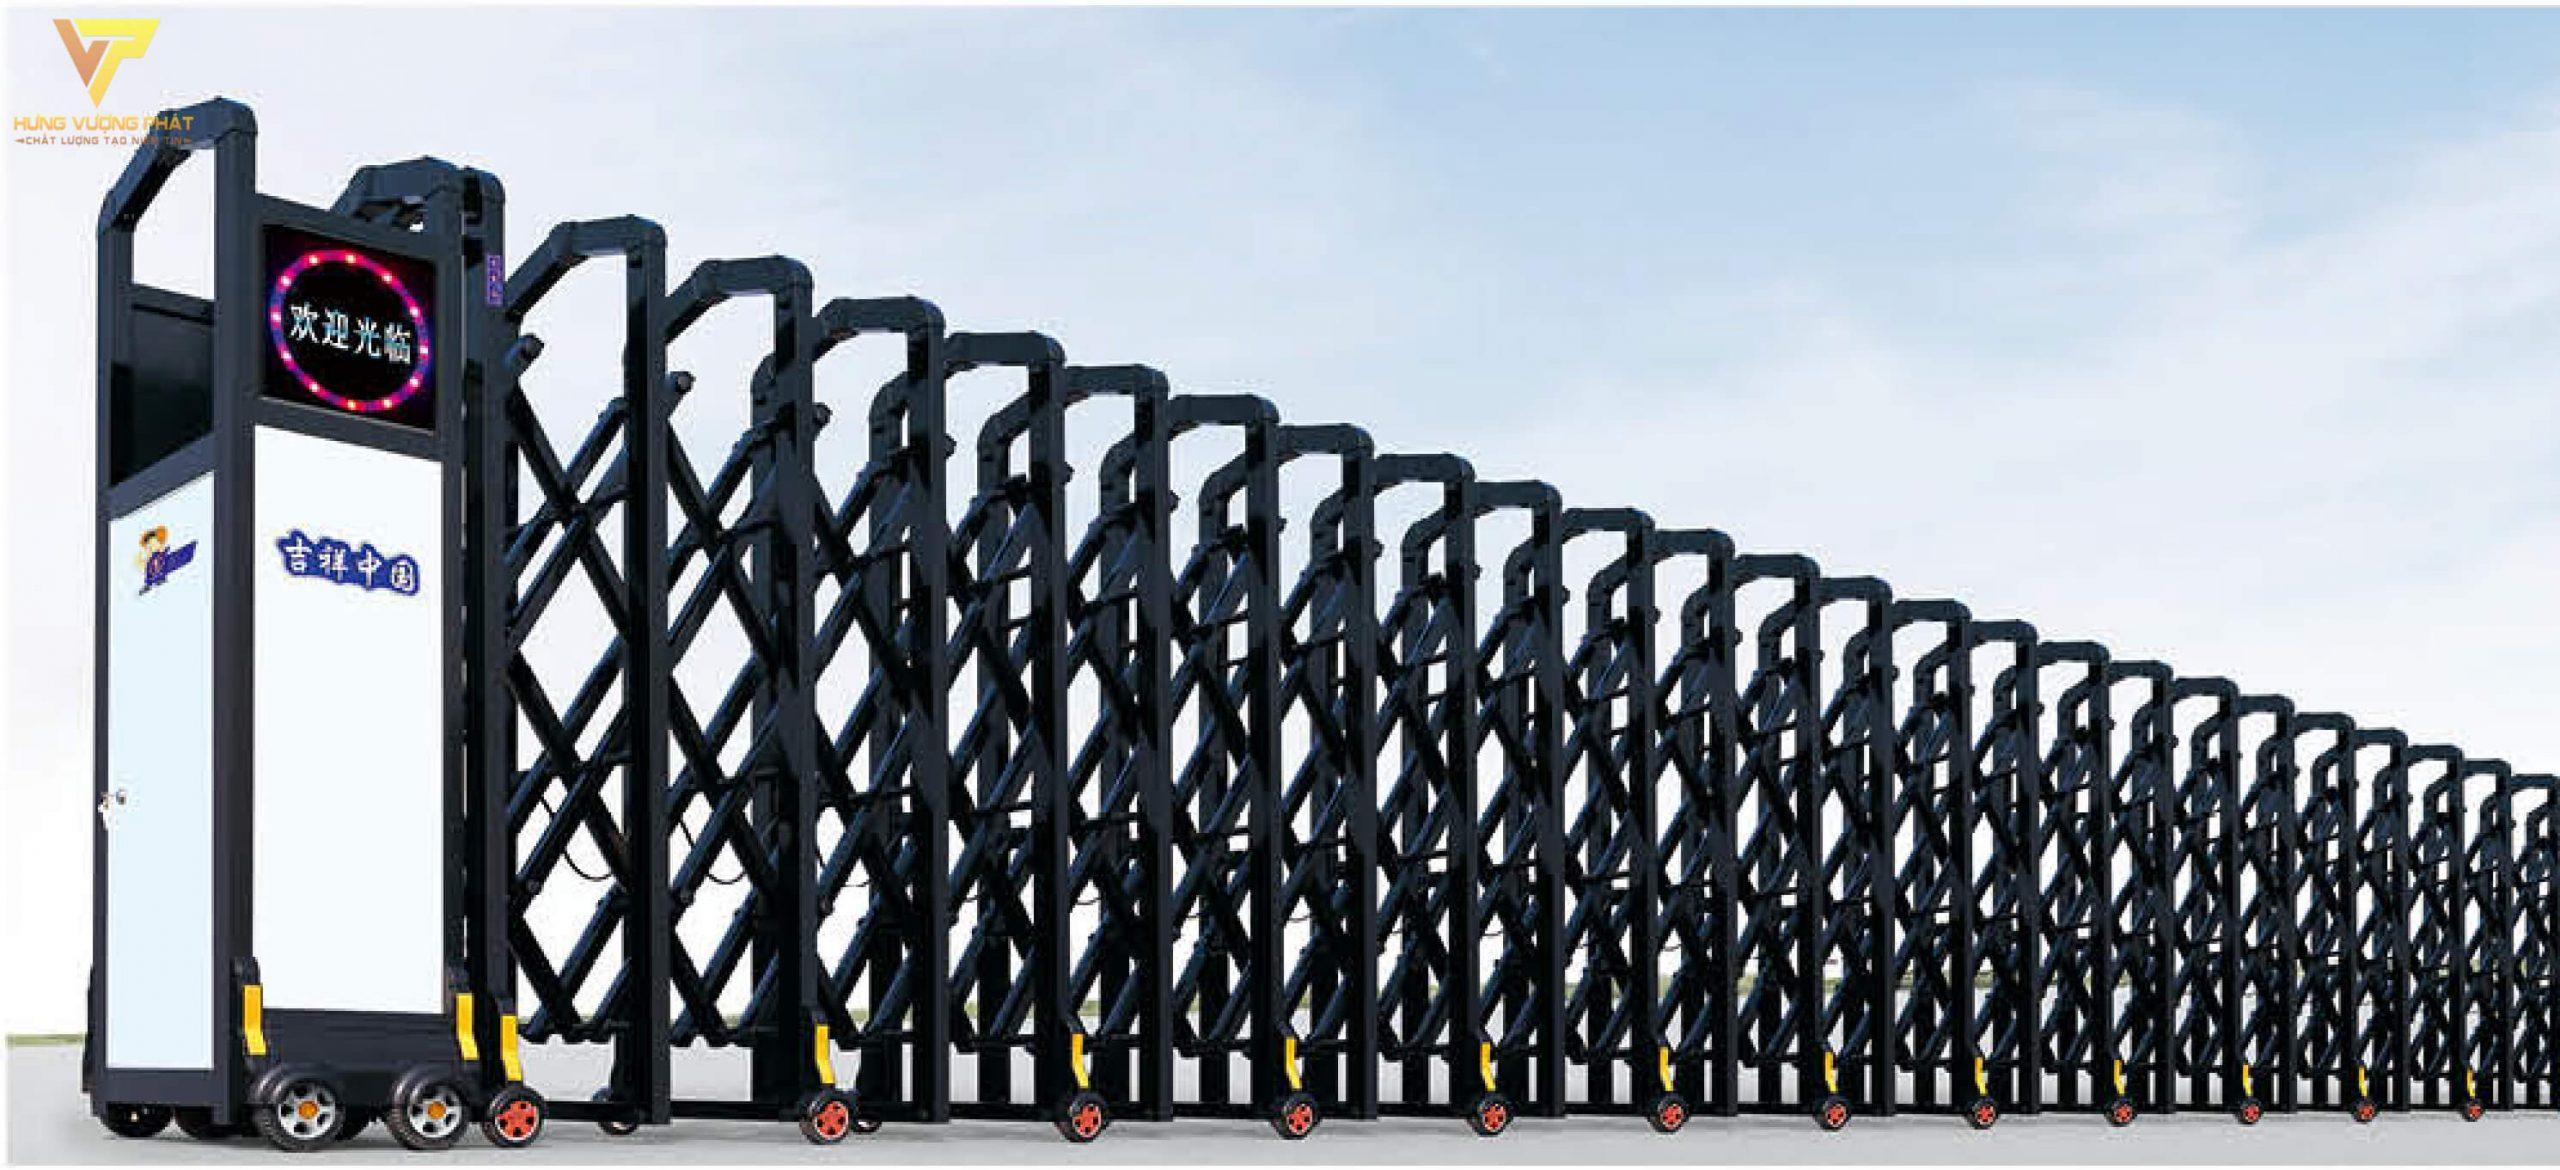 Cổng xếp hợp kim nhôm chạy điện tự động HN59